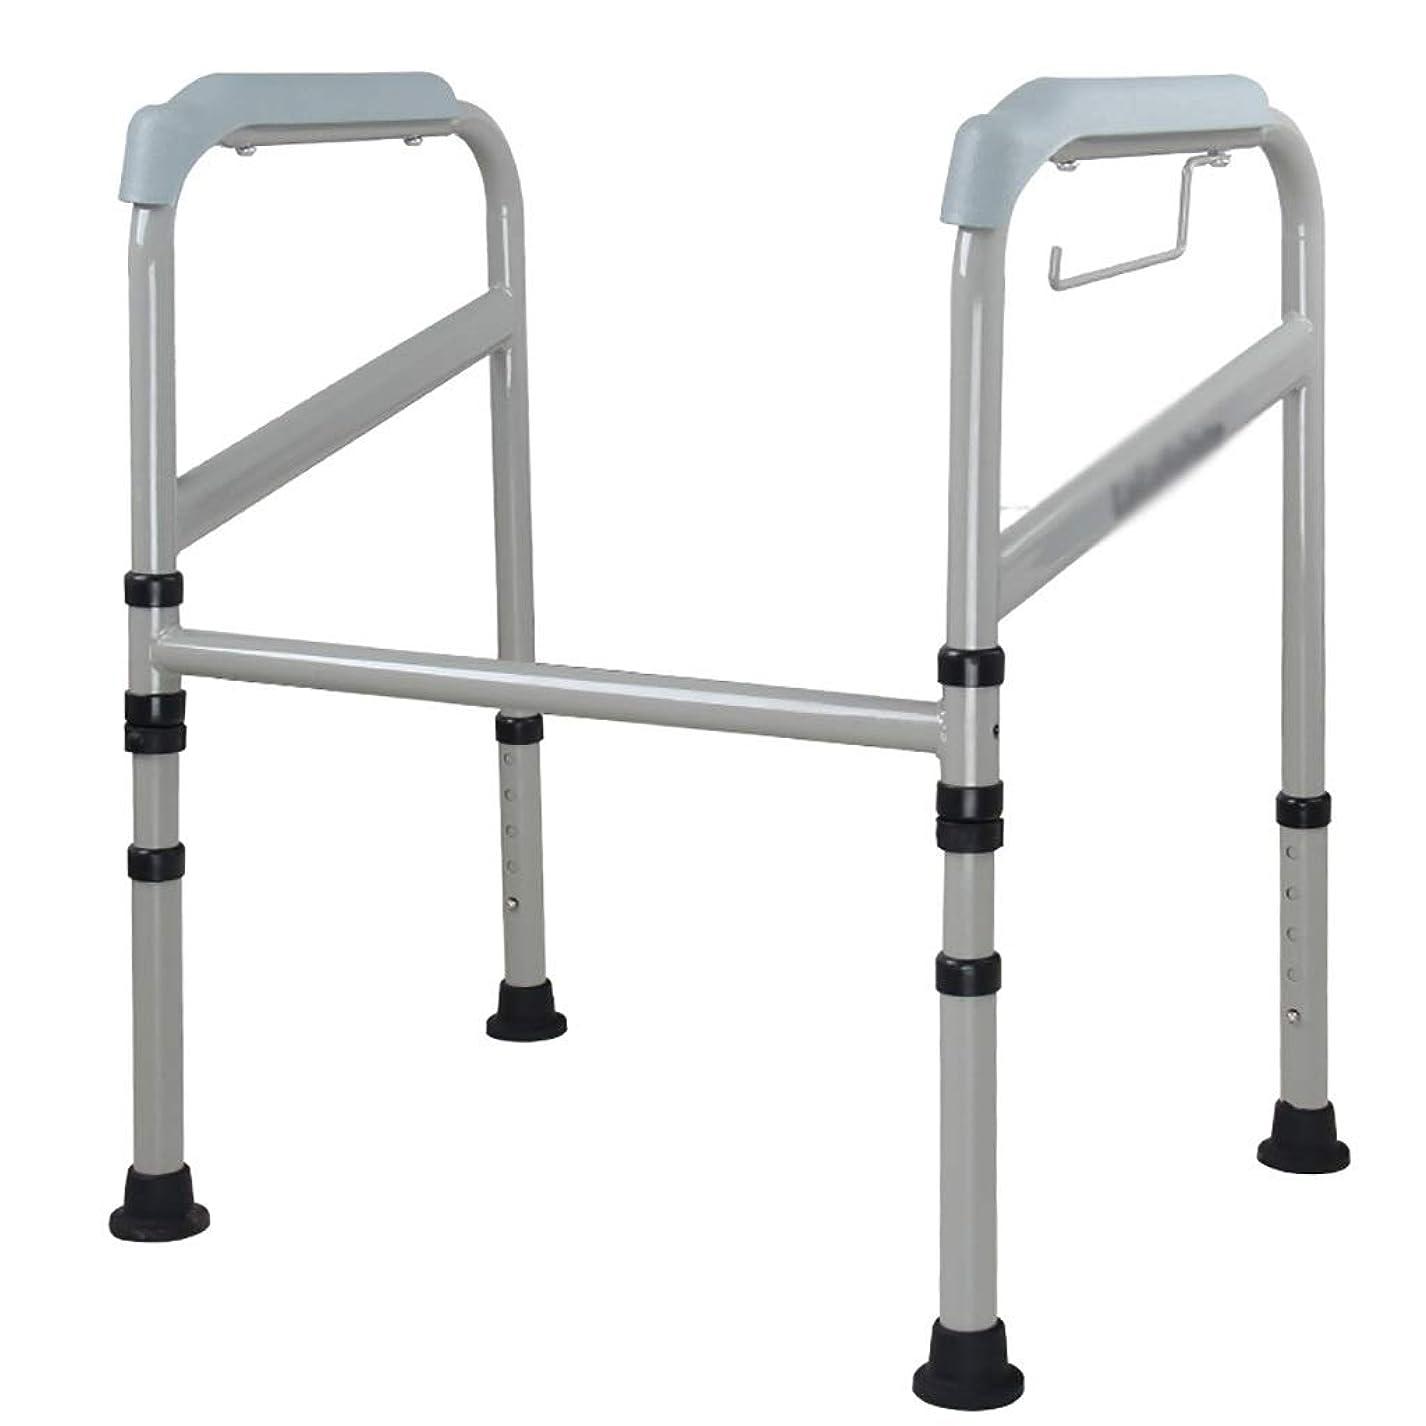 非武装化残りフルーツトイレ用手すり 高齢者&障害者のための理想的なトイレの安全フレーム、スチール便器安全フレーム、ハンドル、調整フット、在宅医療トイレを使用し、折りたたみ